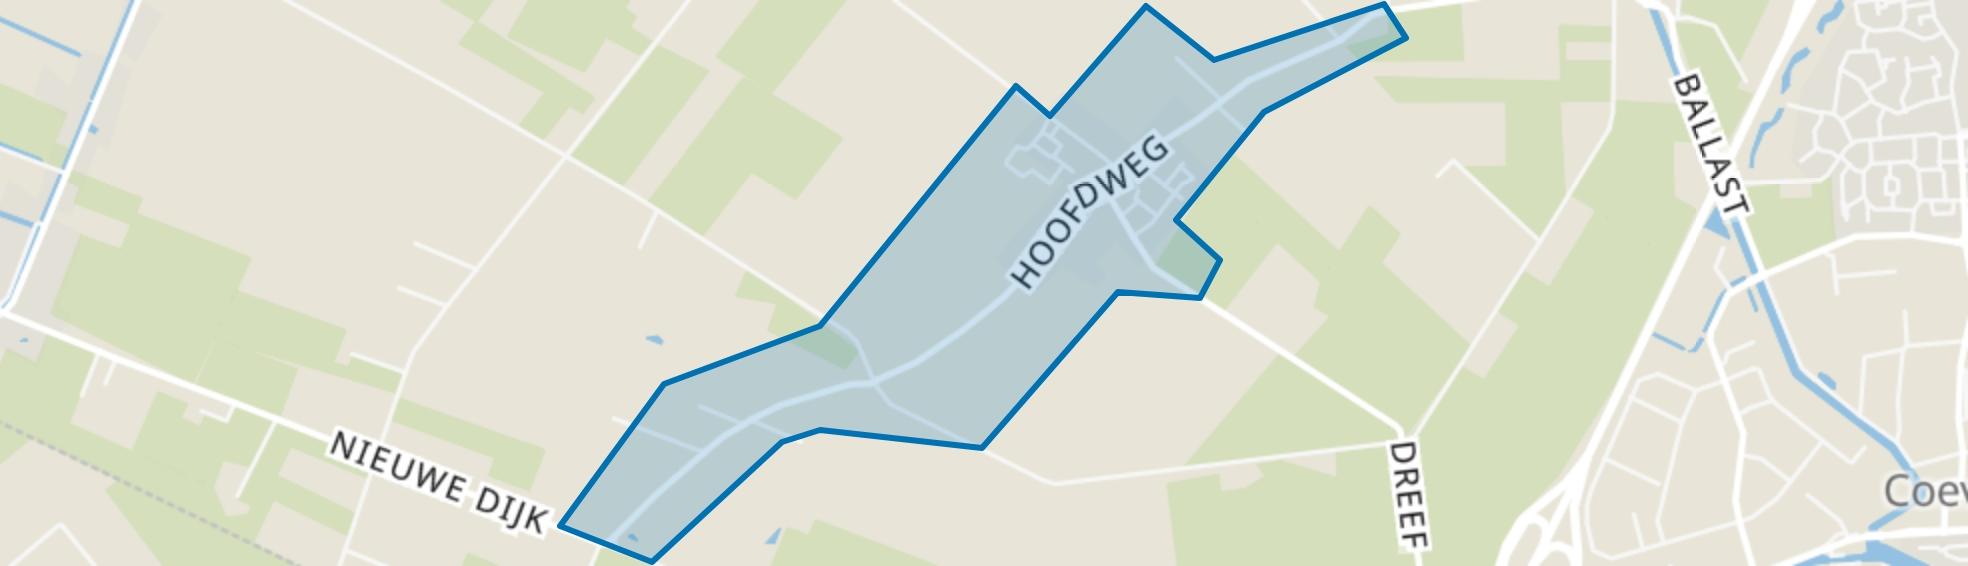 Steenwijksmoer, Coevorden map